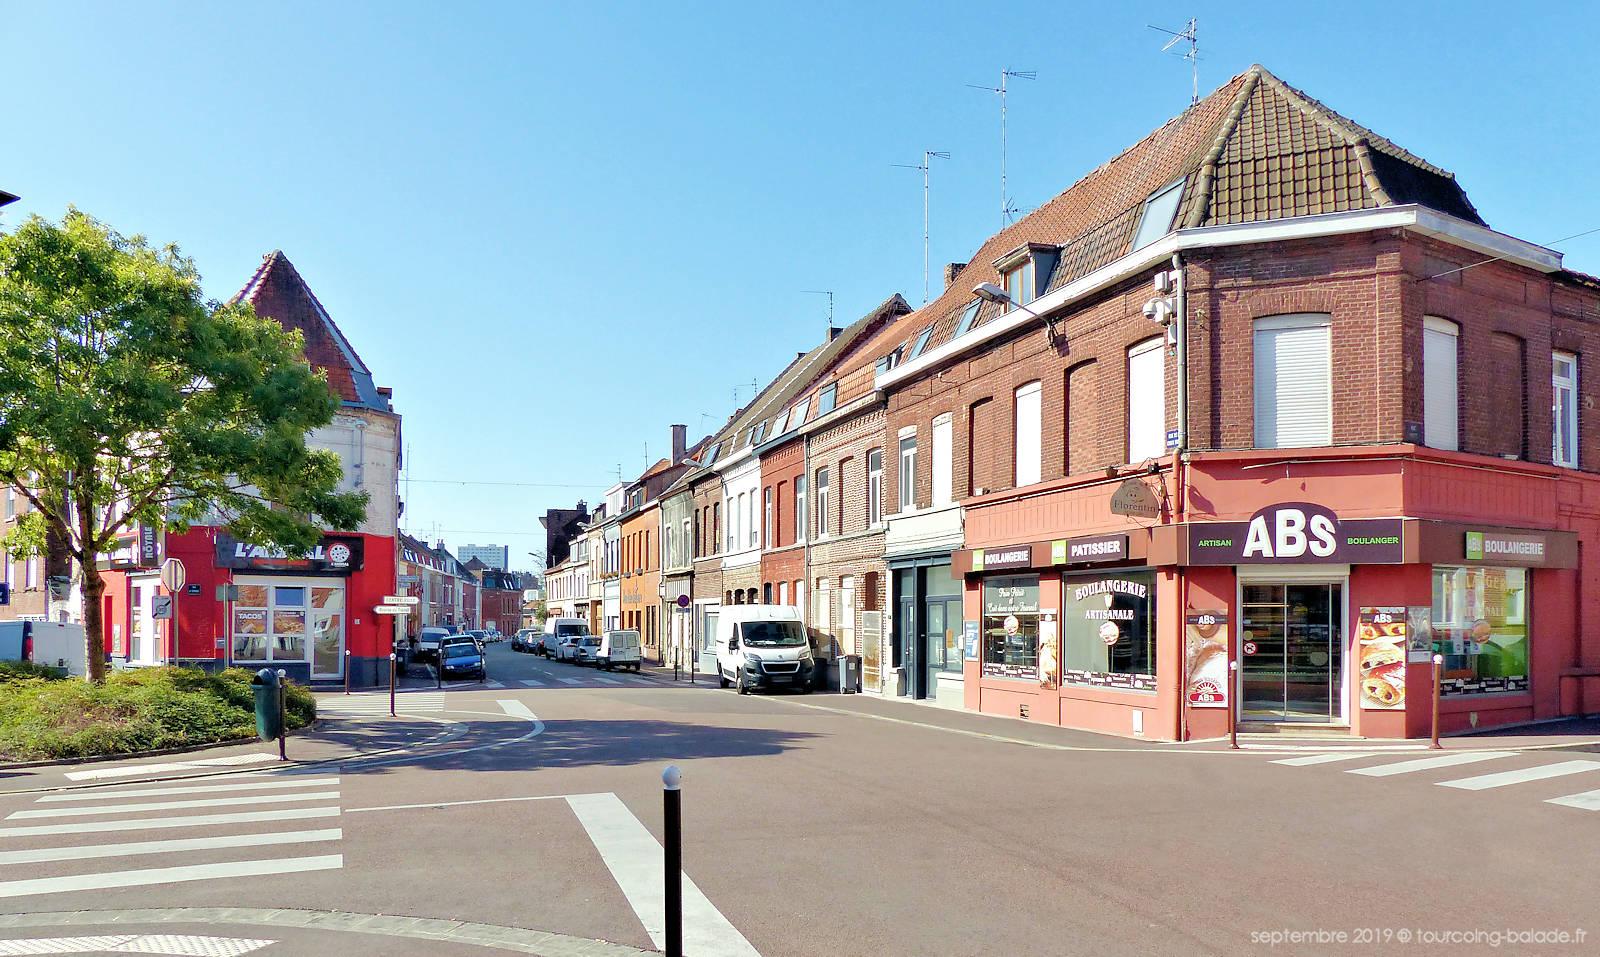 Rue de la Croix-Rouge Tourcoing - Boulangerie ABS